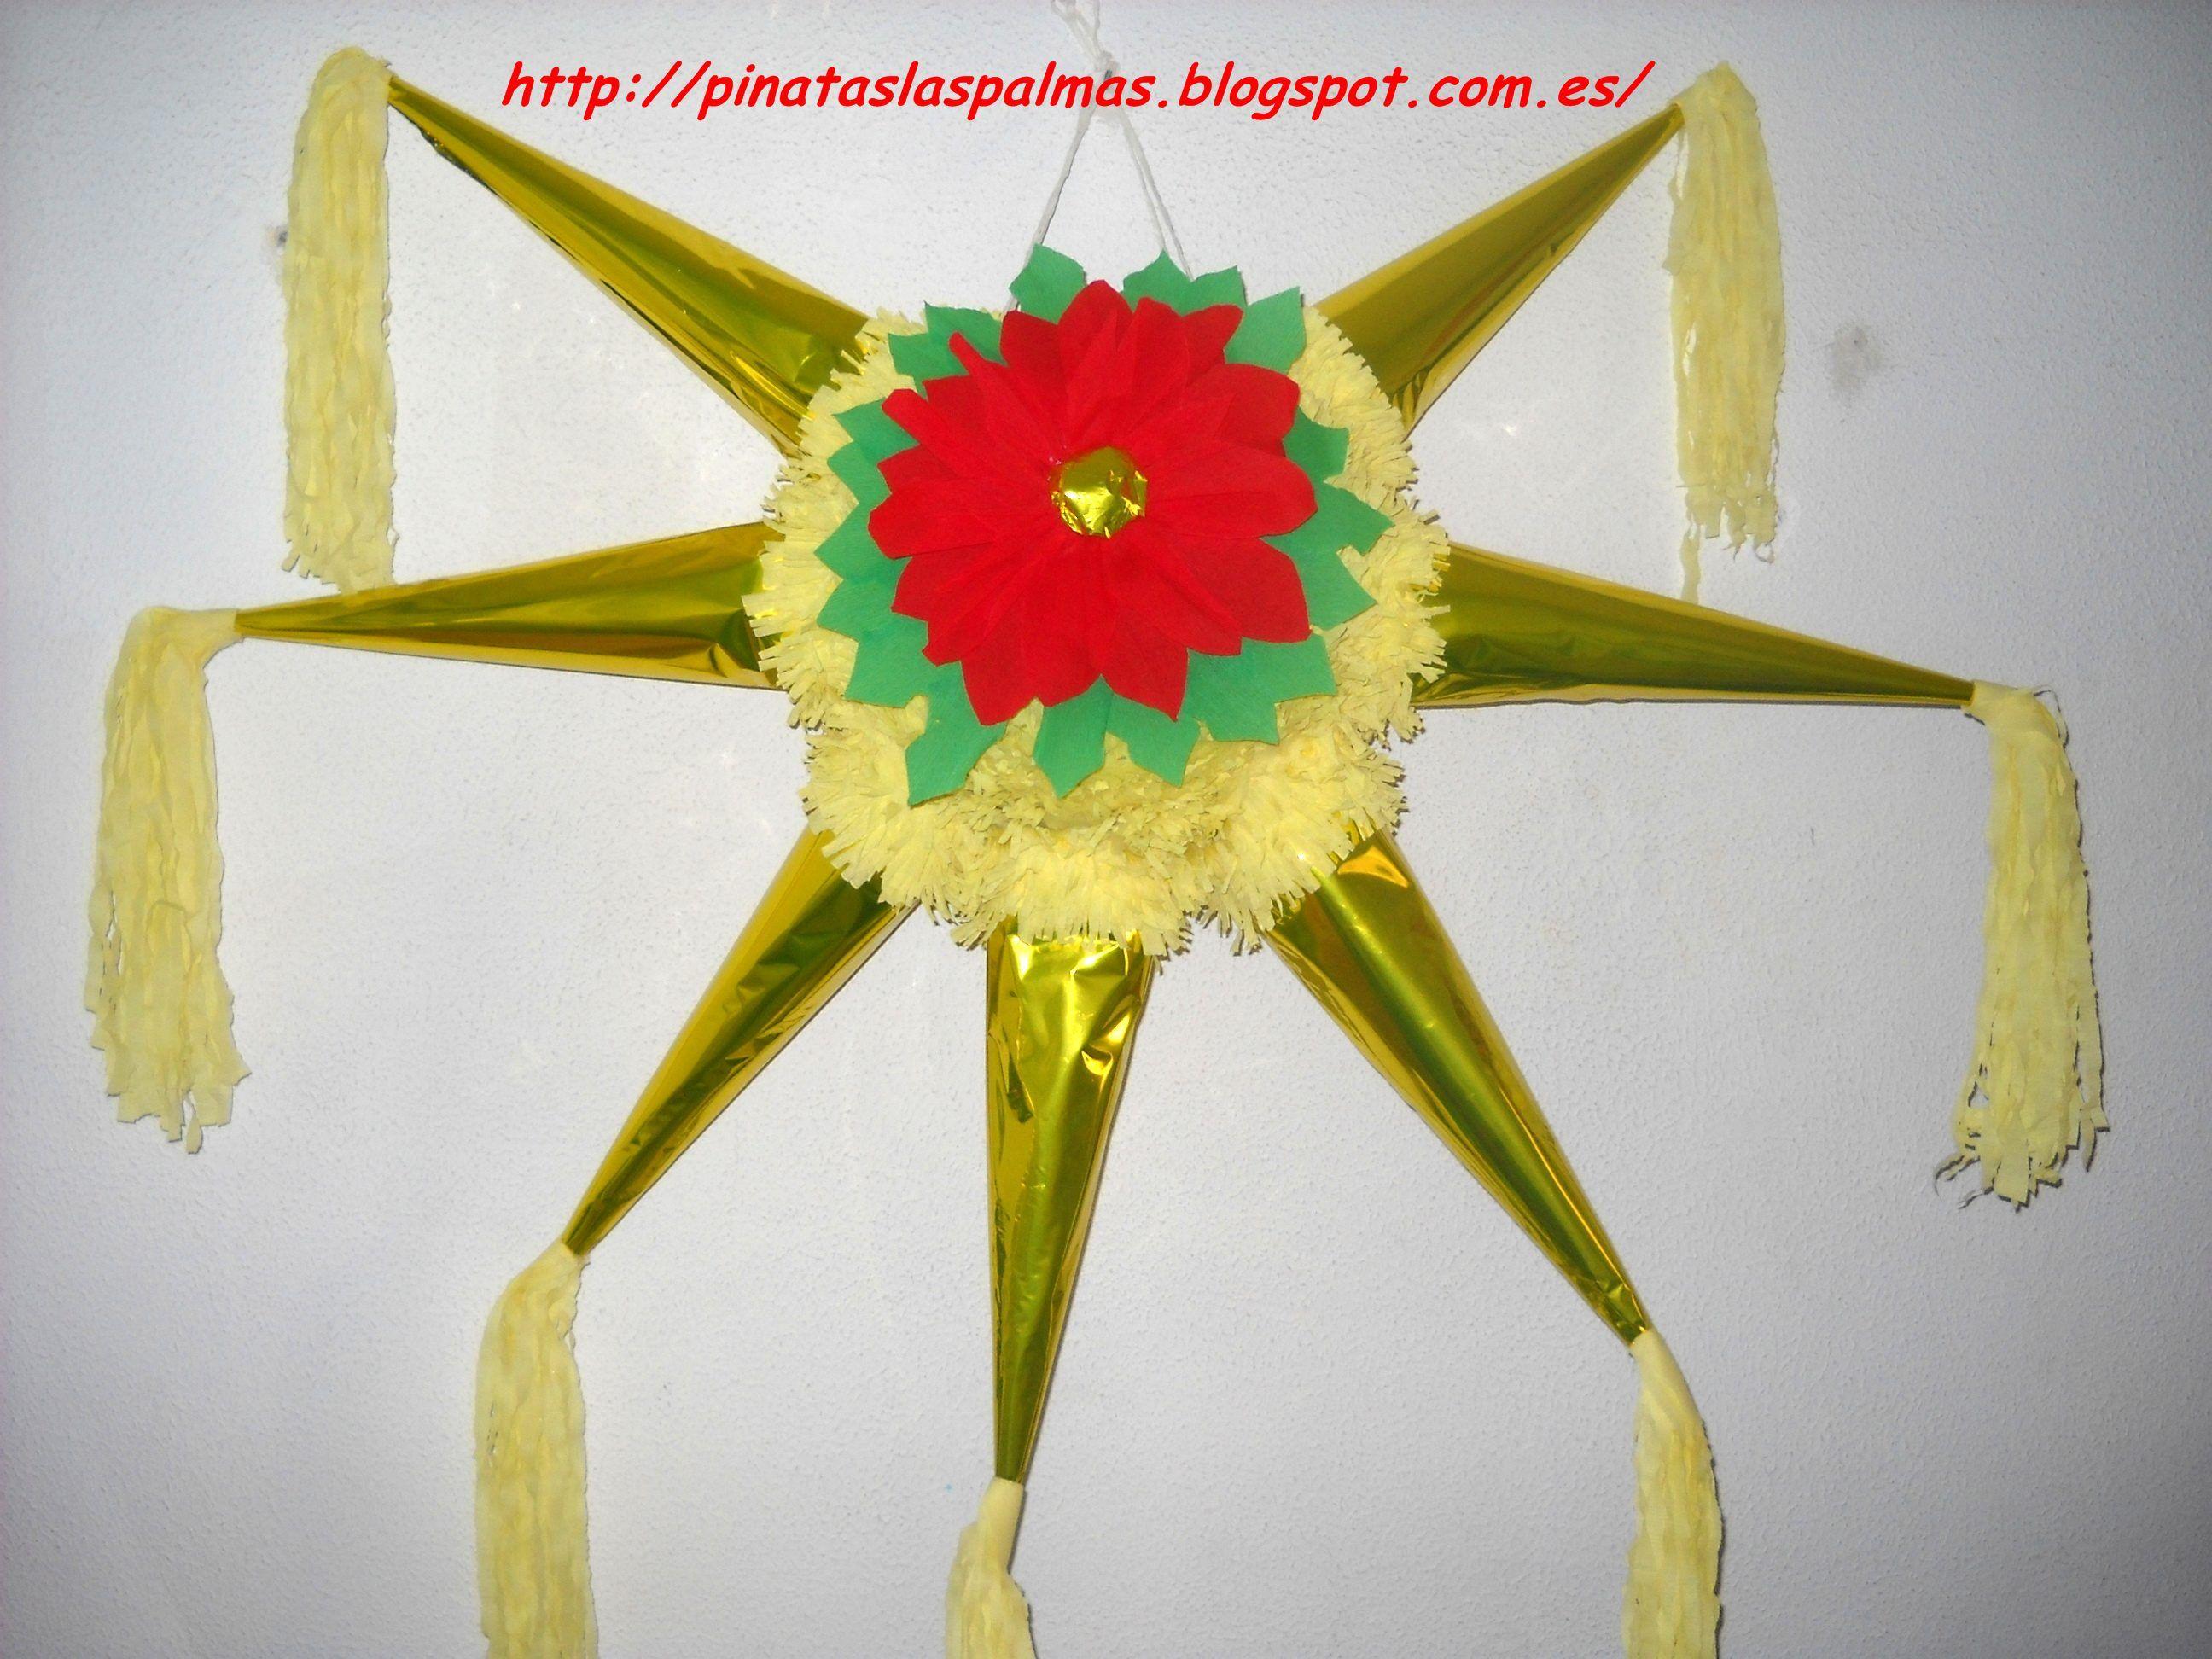 piata de estrella de navidad